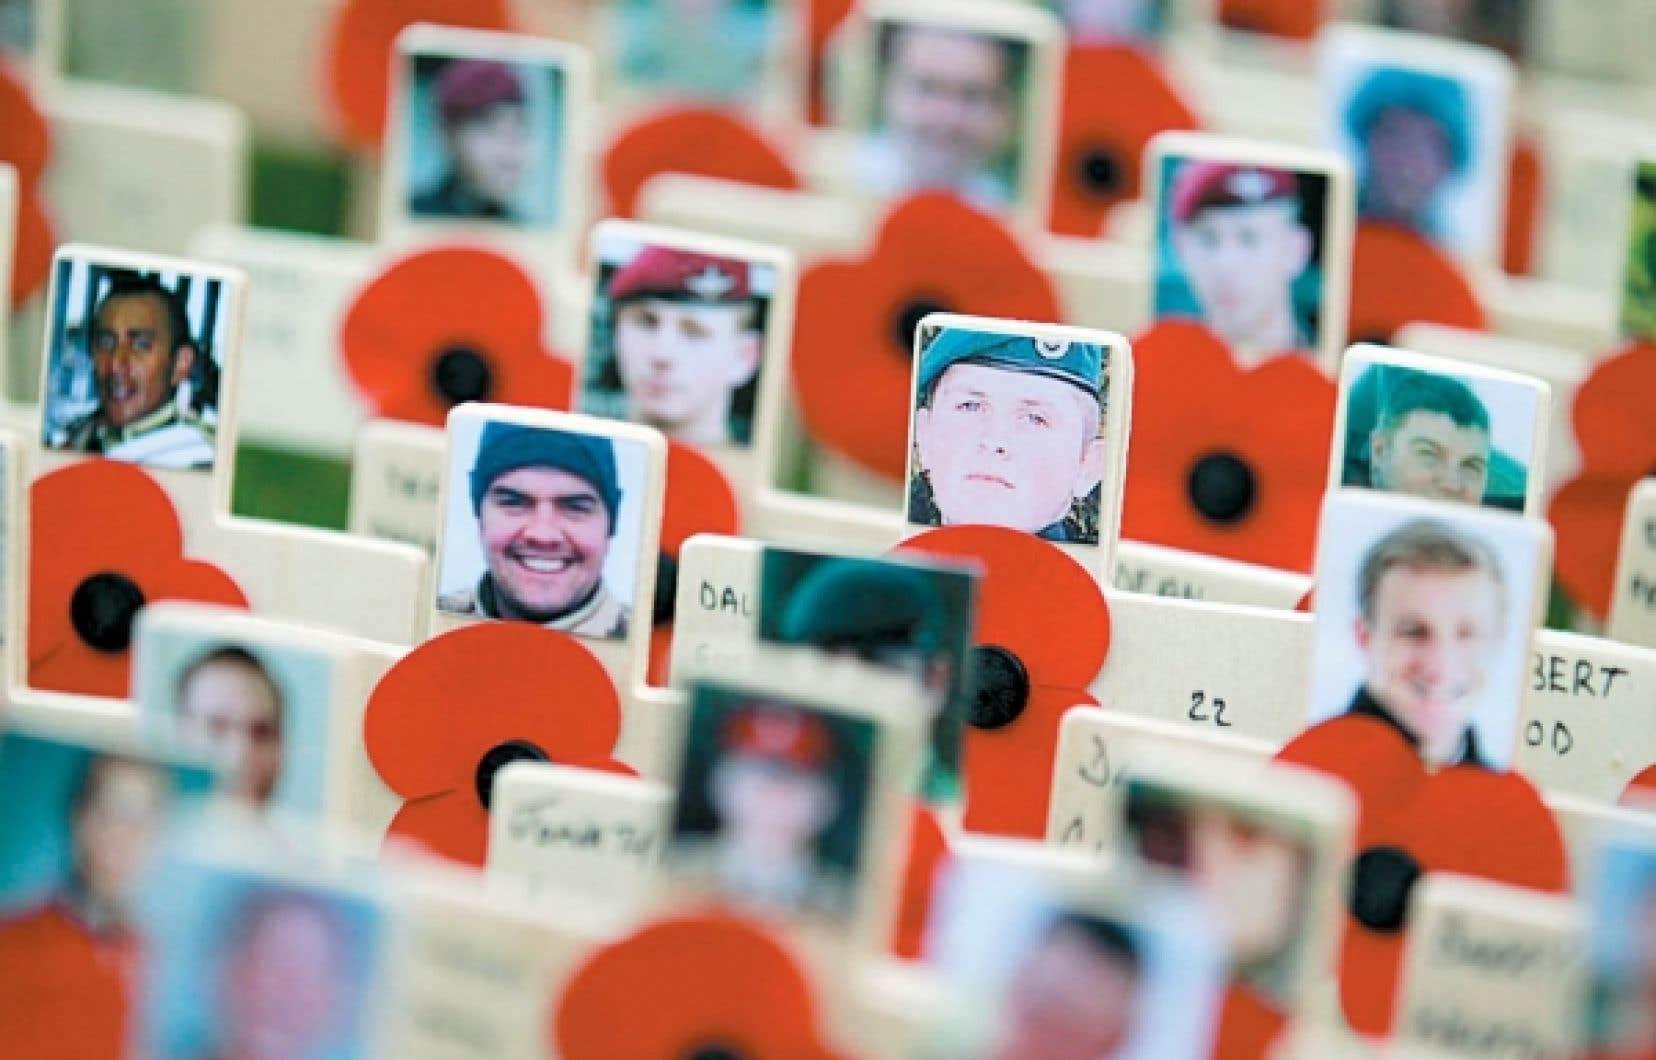 <br /> Comme ici à Londres, partout en Occident, à l'occasion du jour du Souvenir, nous célébrons aujourd'hui le courage des hommes morts au combat. Il serait aussi pertinent, affirme l'auteure, de se souvenir des civils victimes des guerres passées et actuelles, principalement des femmes et des enfants. <br />